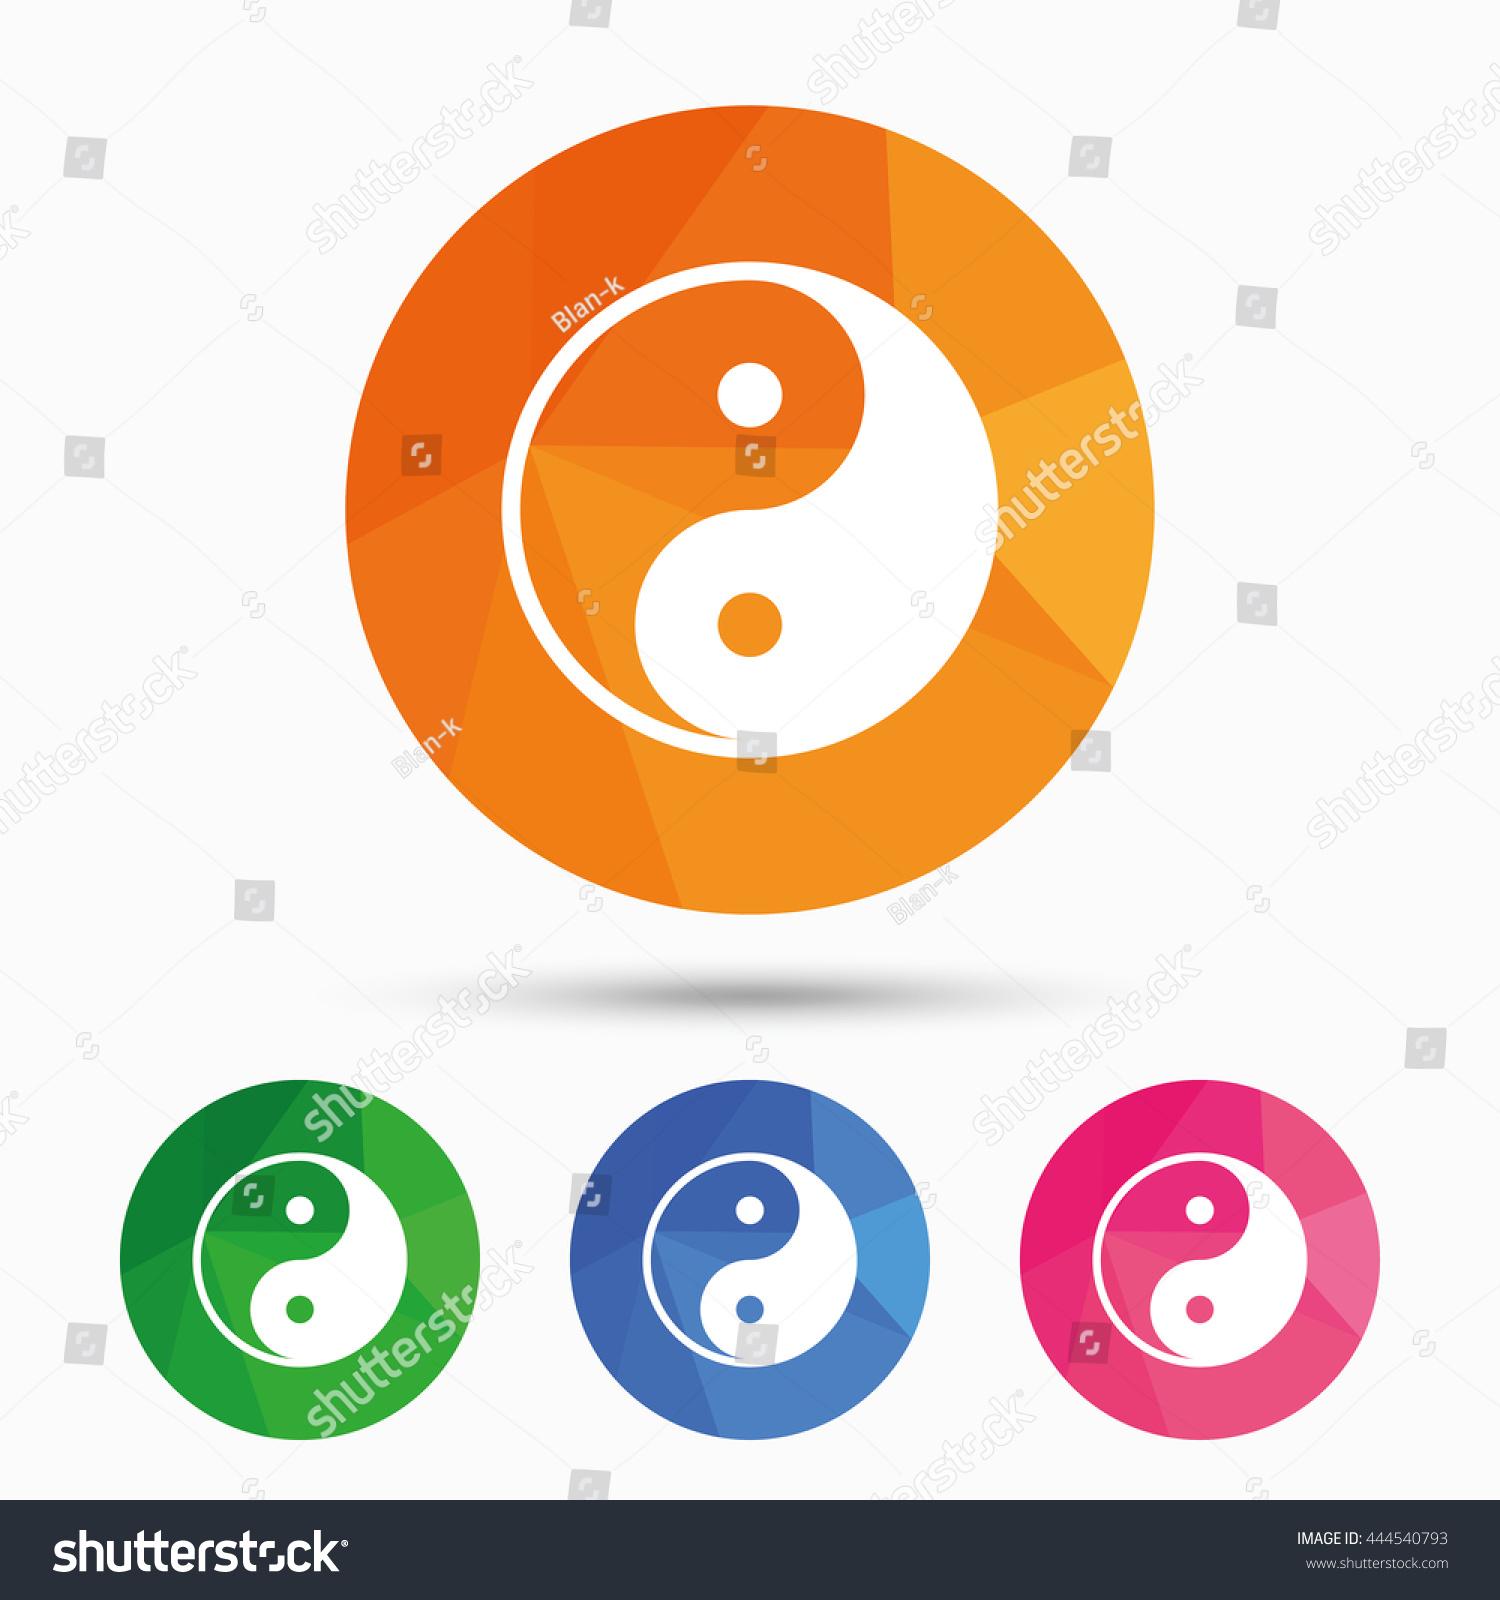 Yin and yang symbol keyboard image collections symbol and sign ideas ying yang sign icon harmony balance stock vector 444540793 ying yang sign icon harmony and balance buycottarizona Choice Image